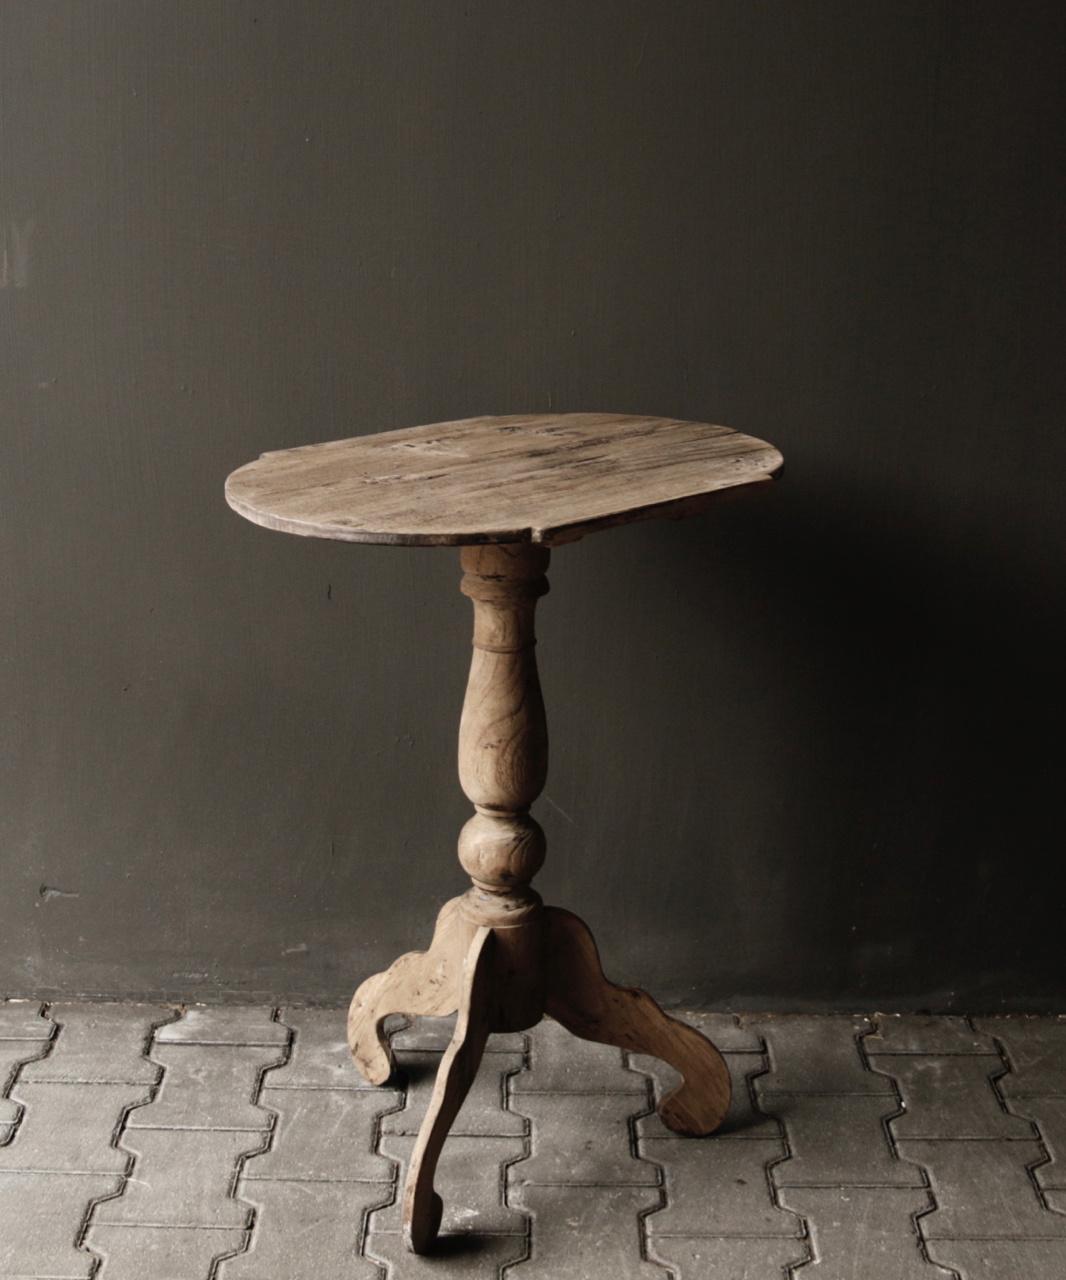 Ovaler Weintisch aus Holz-2